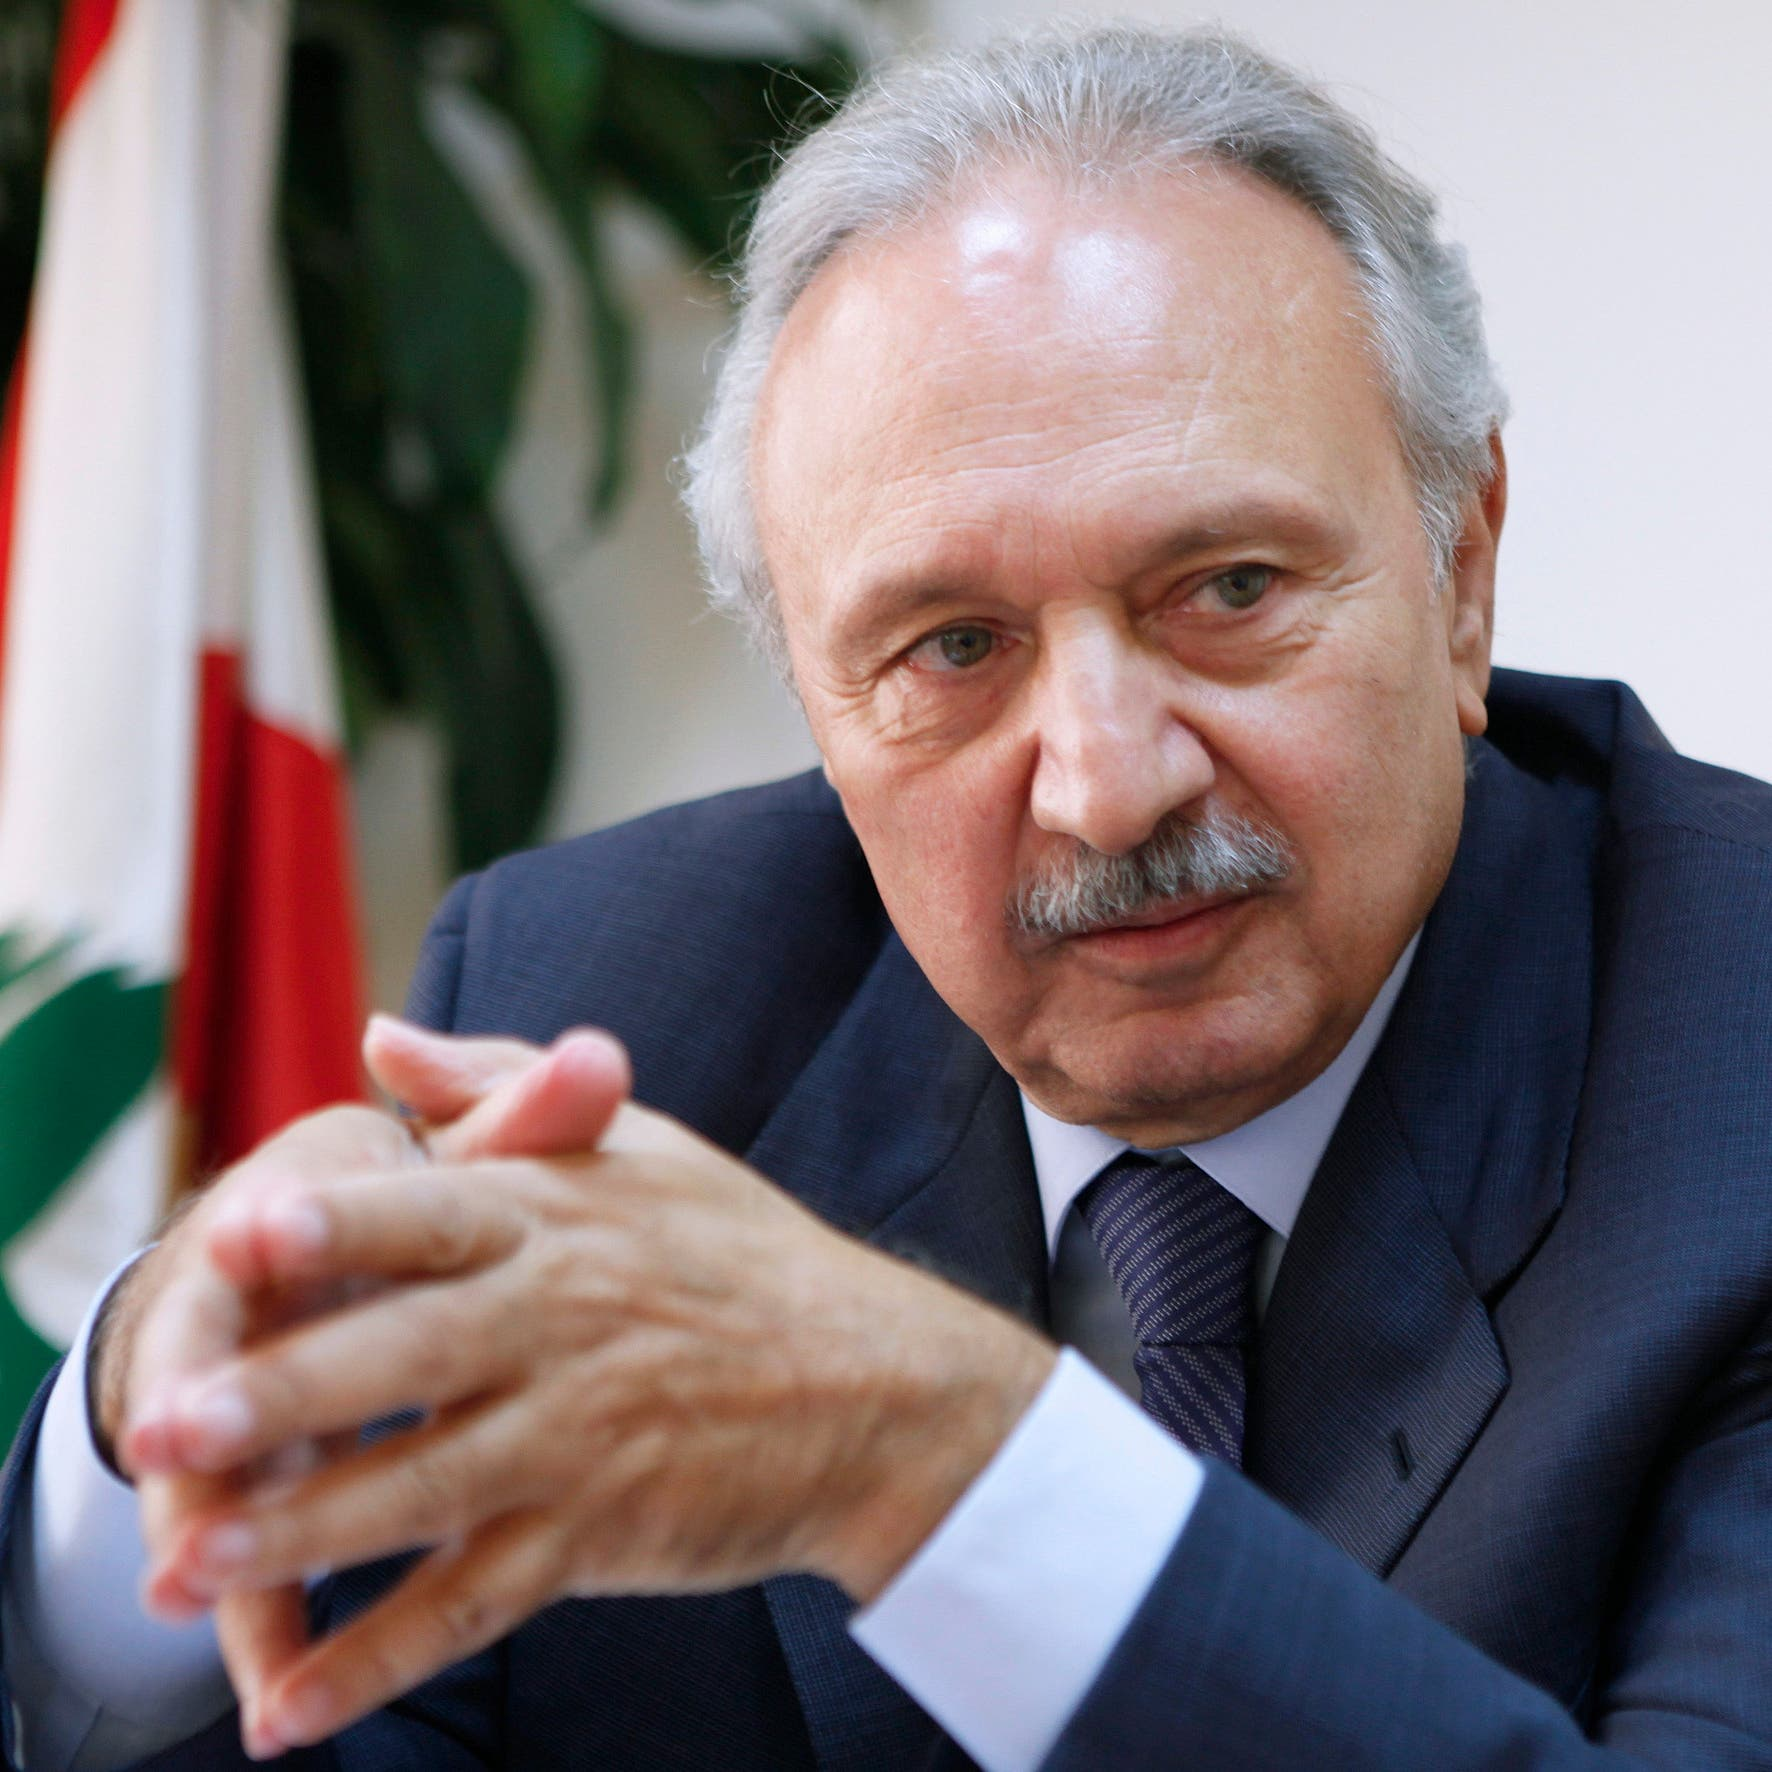 إصابة وزير لبناني بكورونا.. وهذه التفاصيل